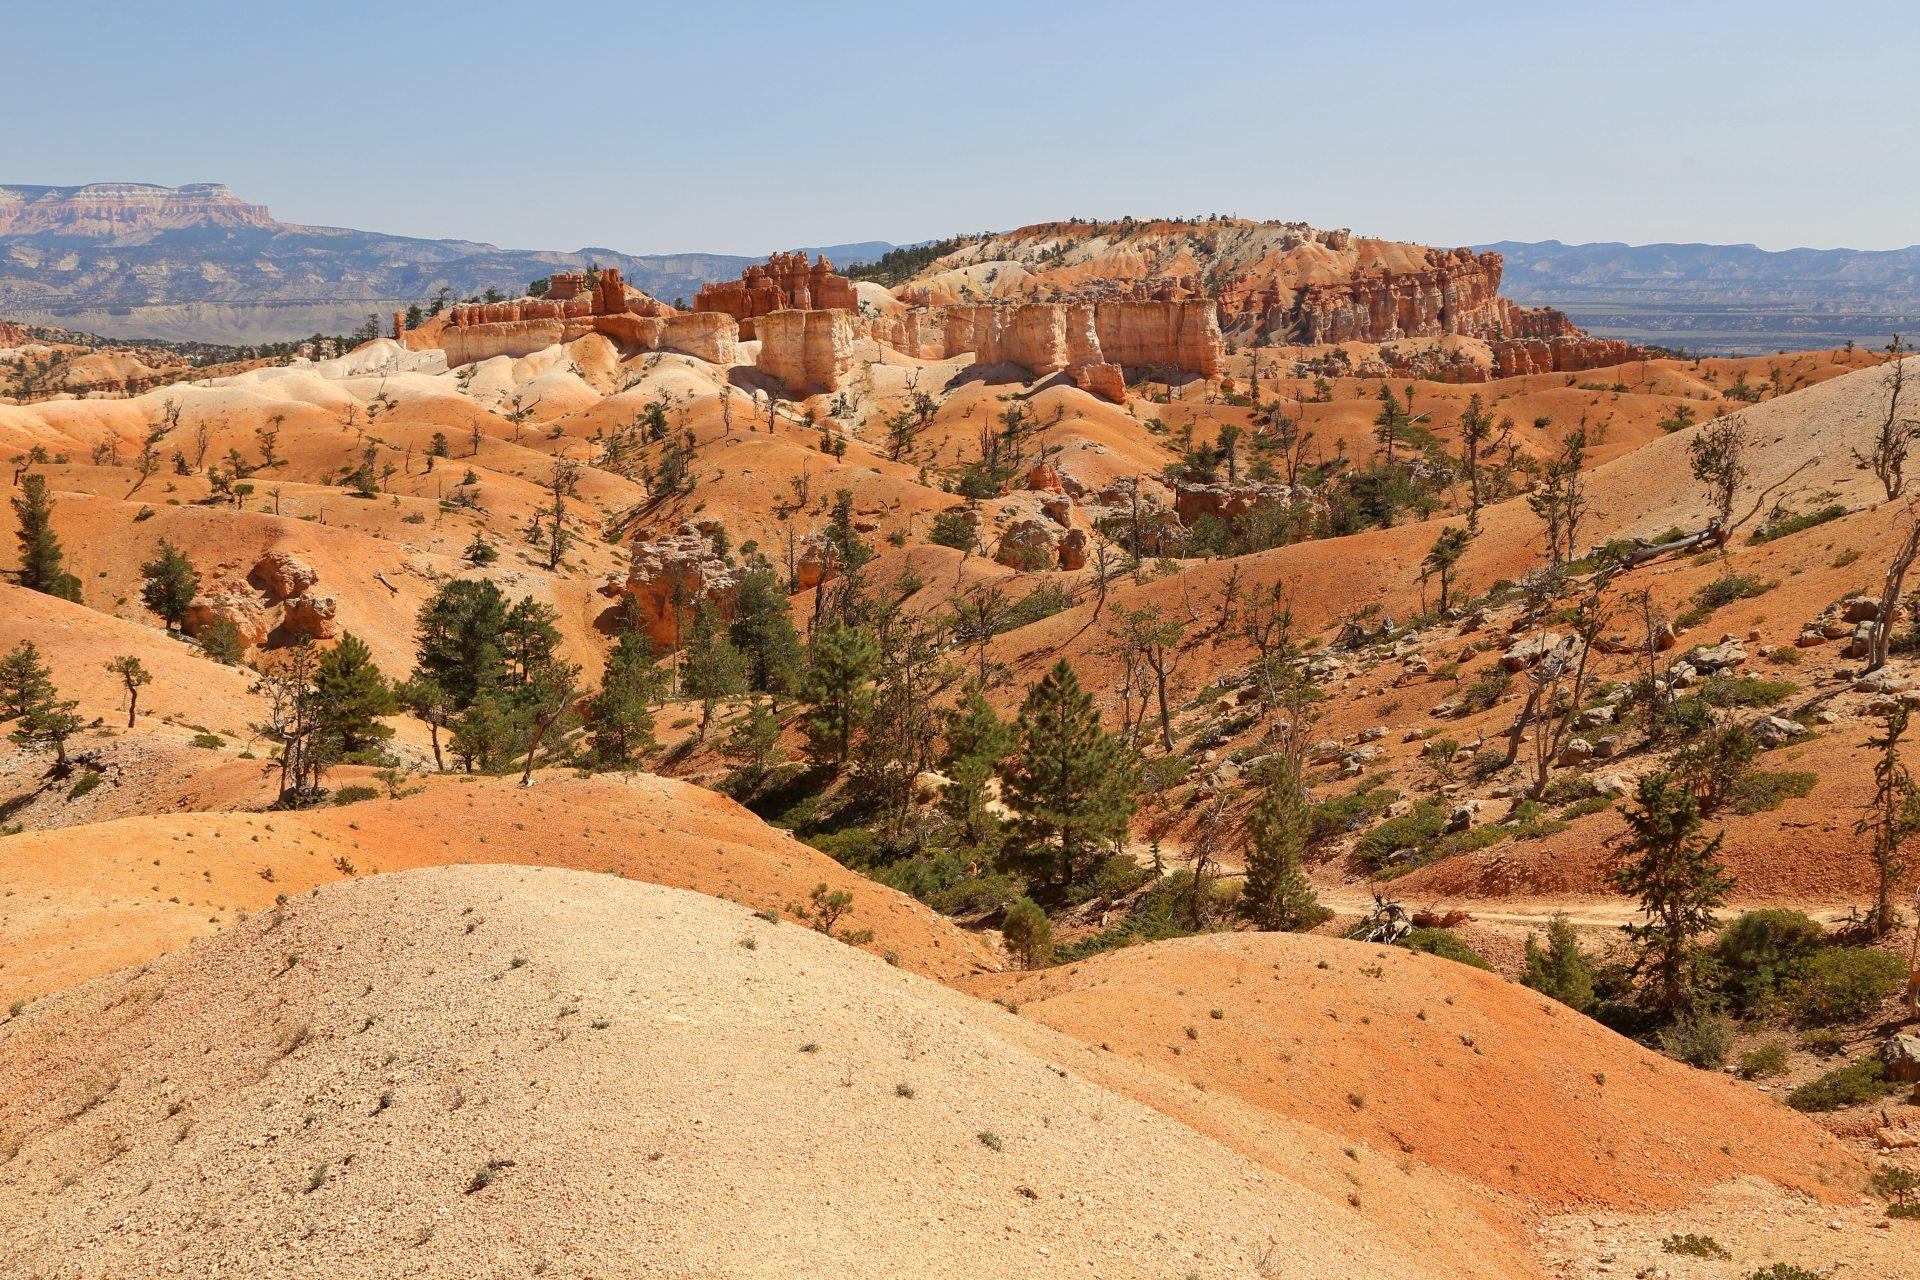 Bryce Canyon in allen Farben - Aussicht, Bryce Canyon National Park, Canyon, Erosion, farbenfroh, Felsnadeln, Fernsicht, Geologie, Gestein, Gesteinssäulen, Himmel, Hoodoos, Landschaft, Monolithen, Natur, Panorama, Queens Garden Trail, Sandstein, Utah - (Bryce Canyon, Bryce, Utah, Vereinigte Staaten)